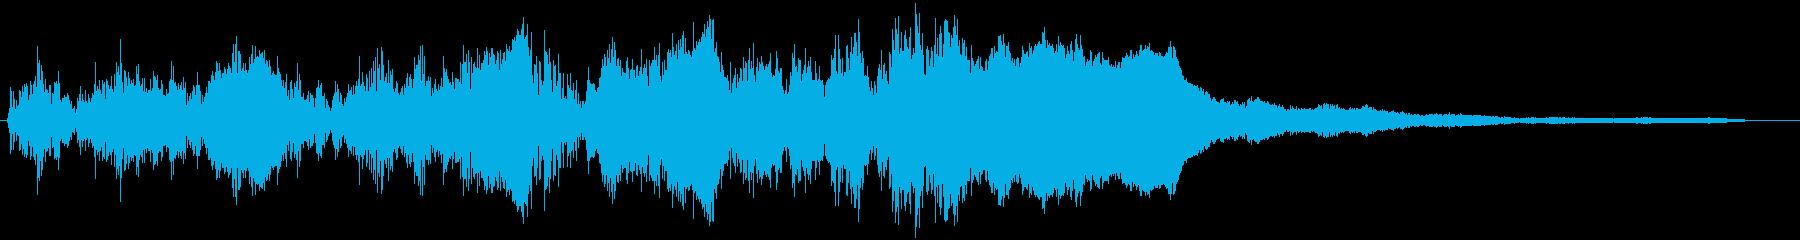 ドラムロールとファンファーレが一緒のSEの再生済みの波形